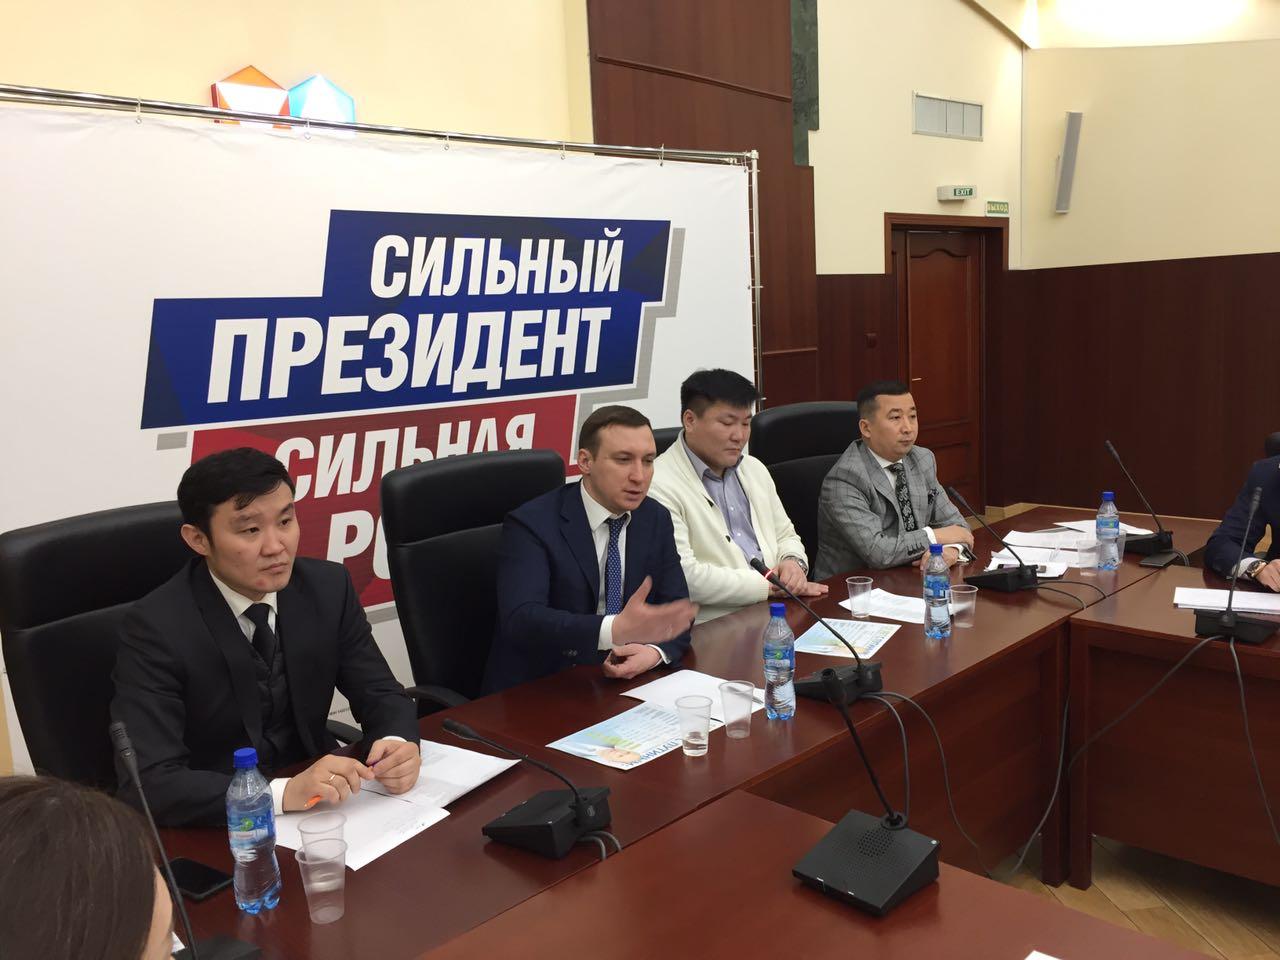 Строители Якутии встретились с доверенными лицами Владимира Путина